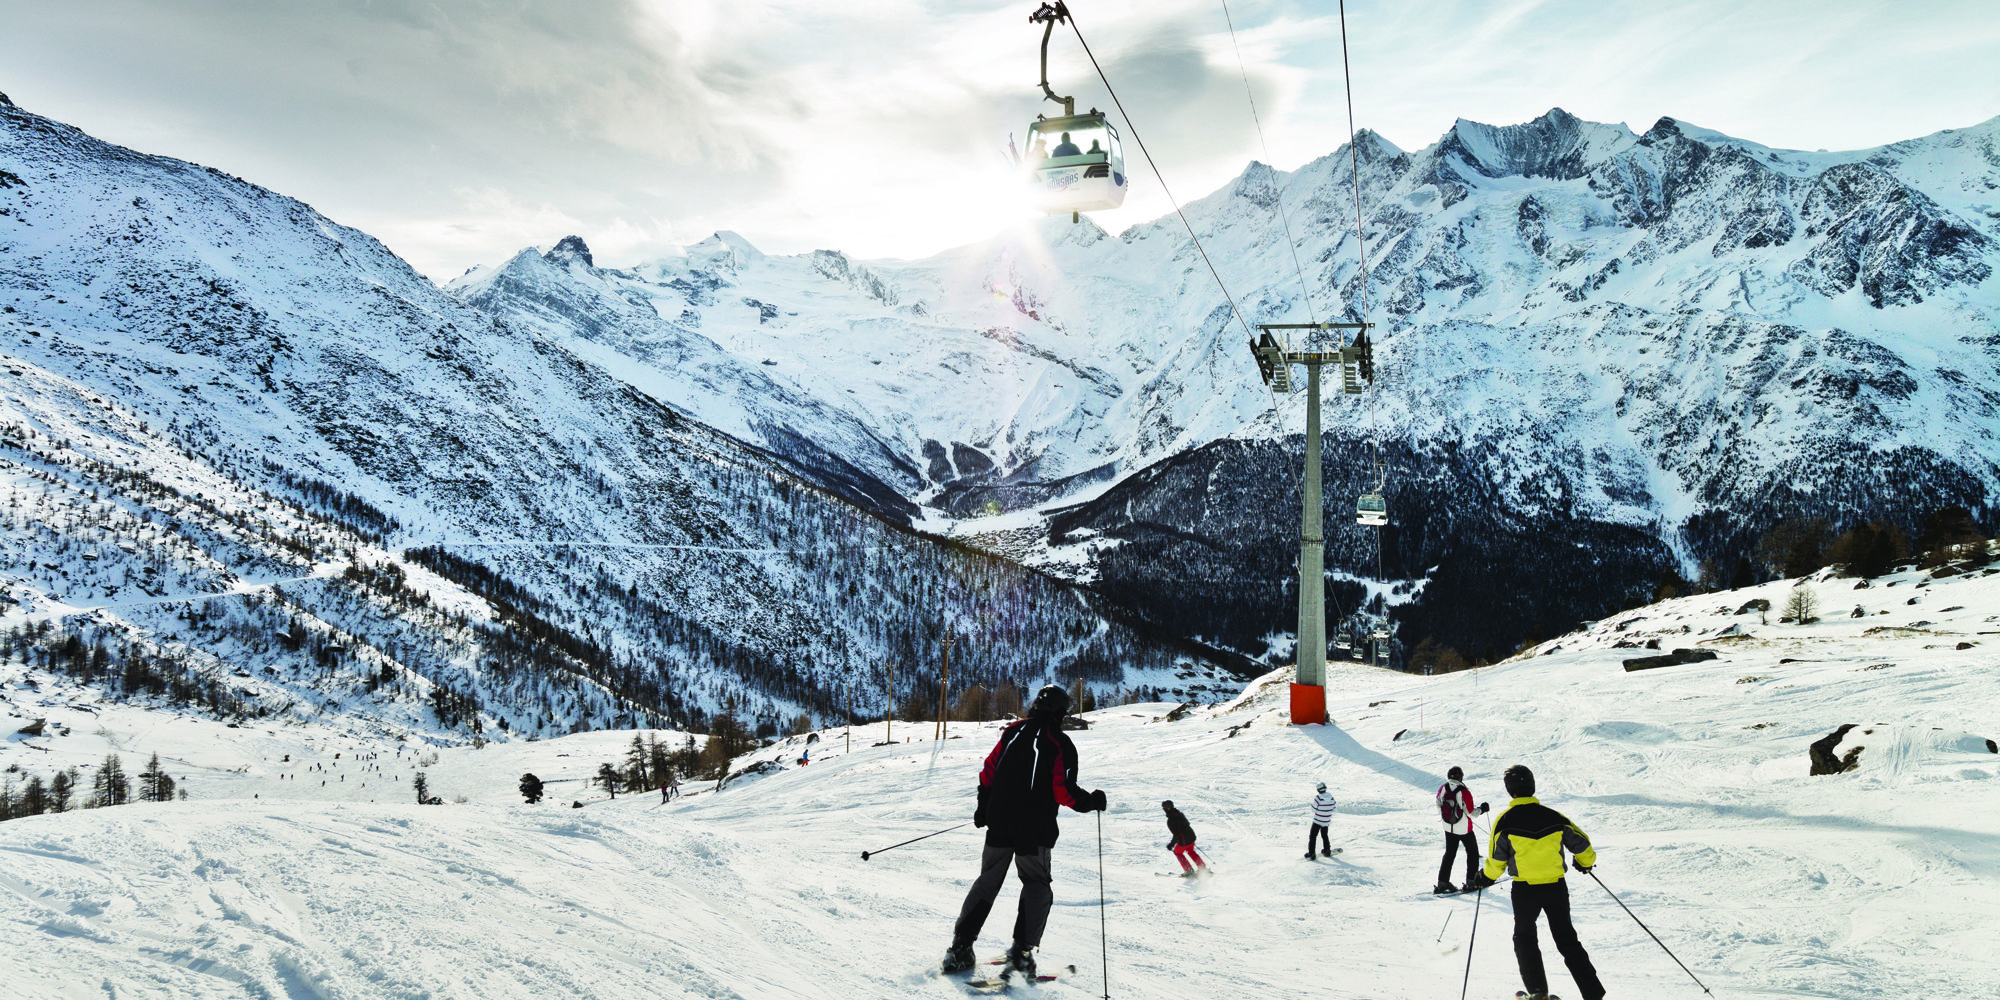 Skiing Kreuzboden